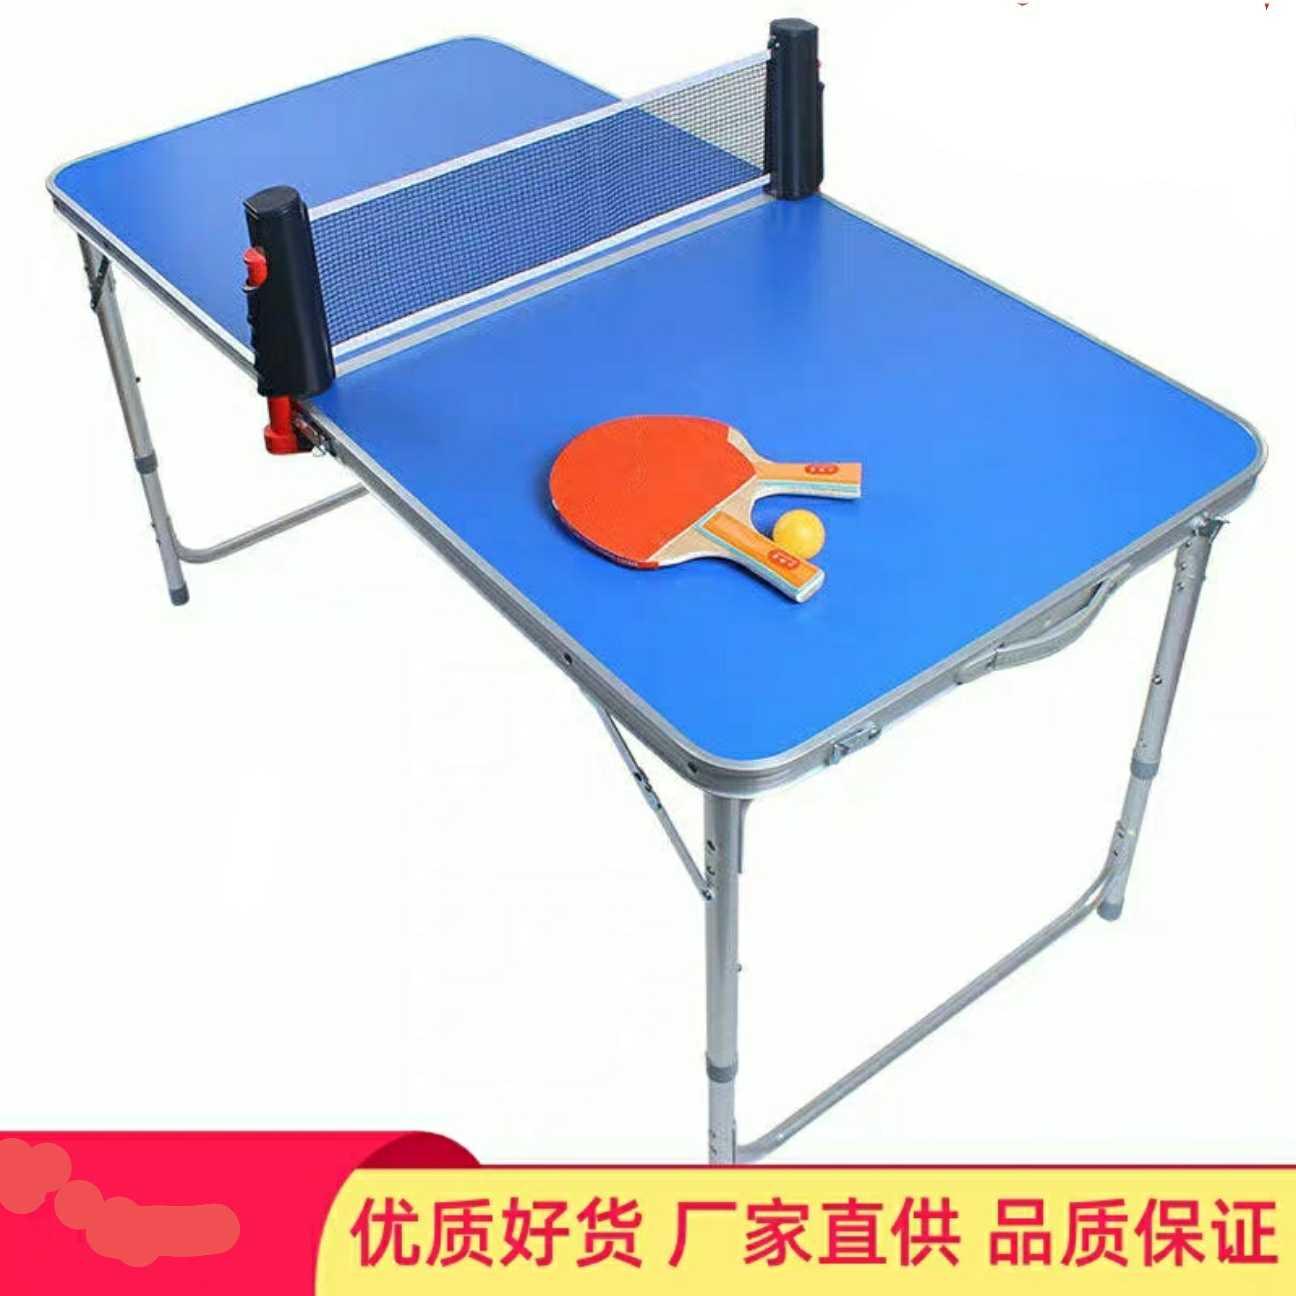 升哥家用可折叠式小号室内户外乒乓球桌案子儿童玩乐用小型球台